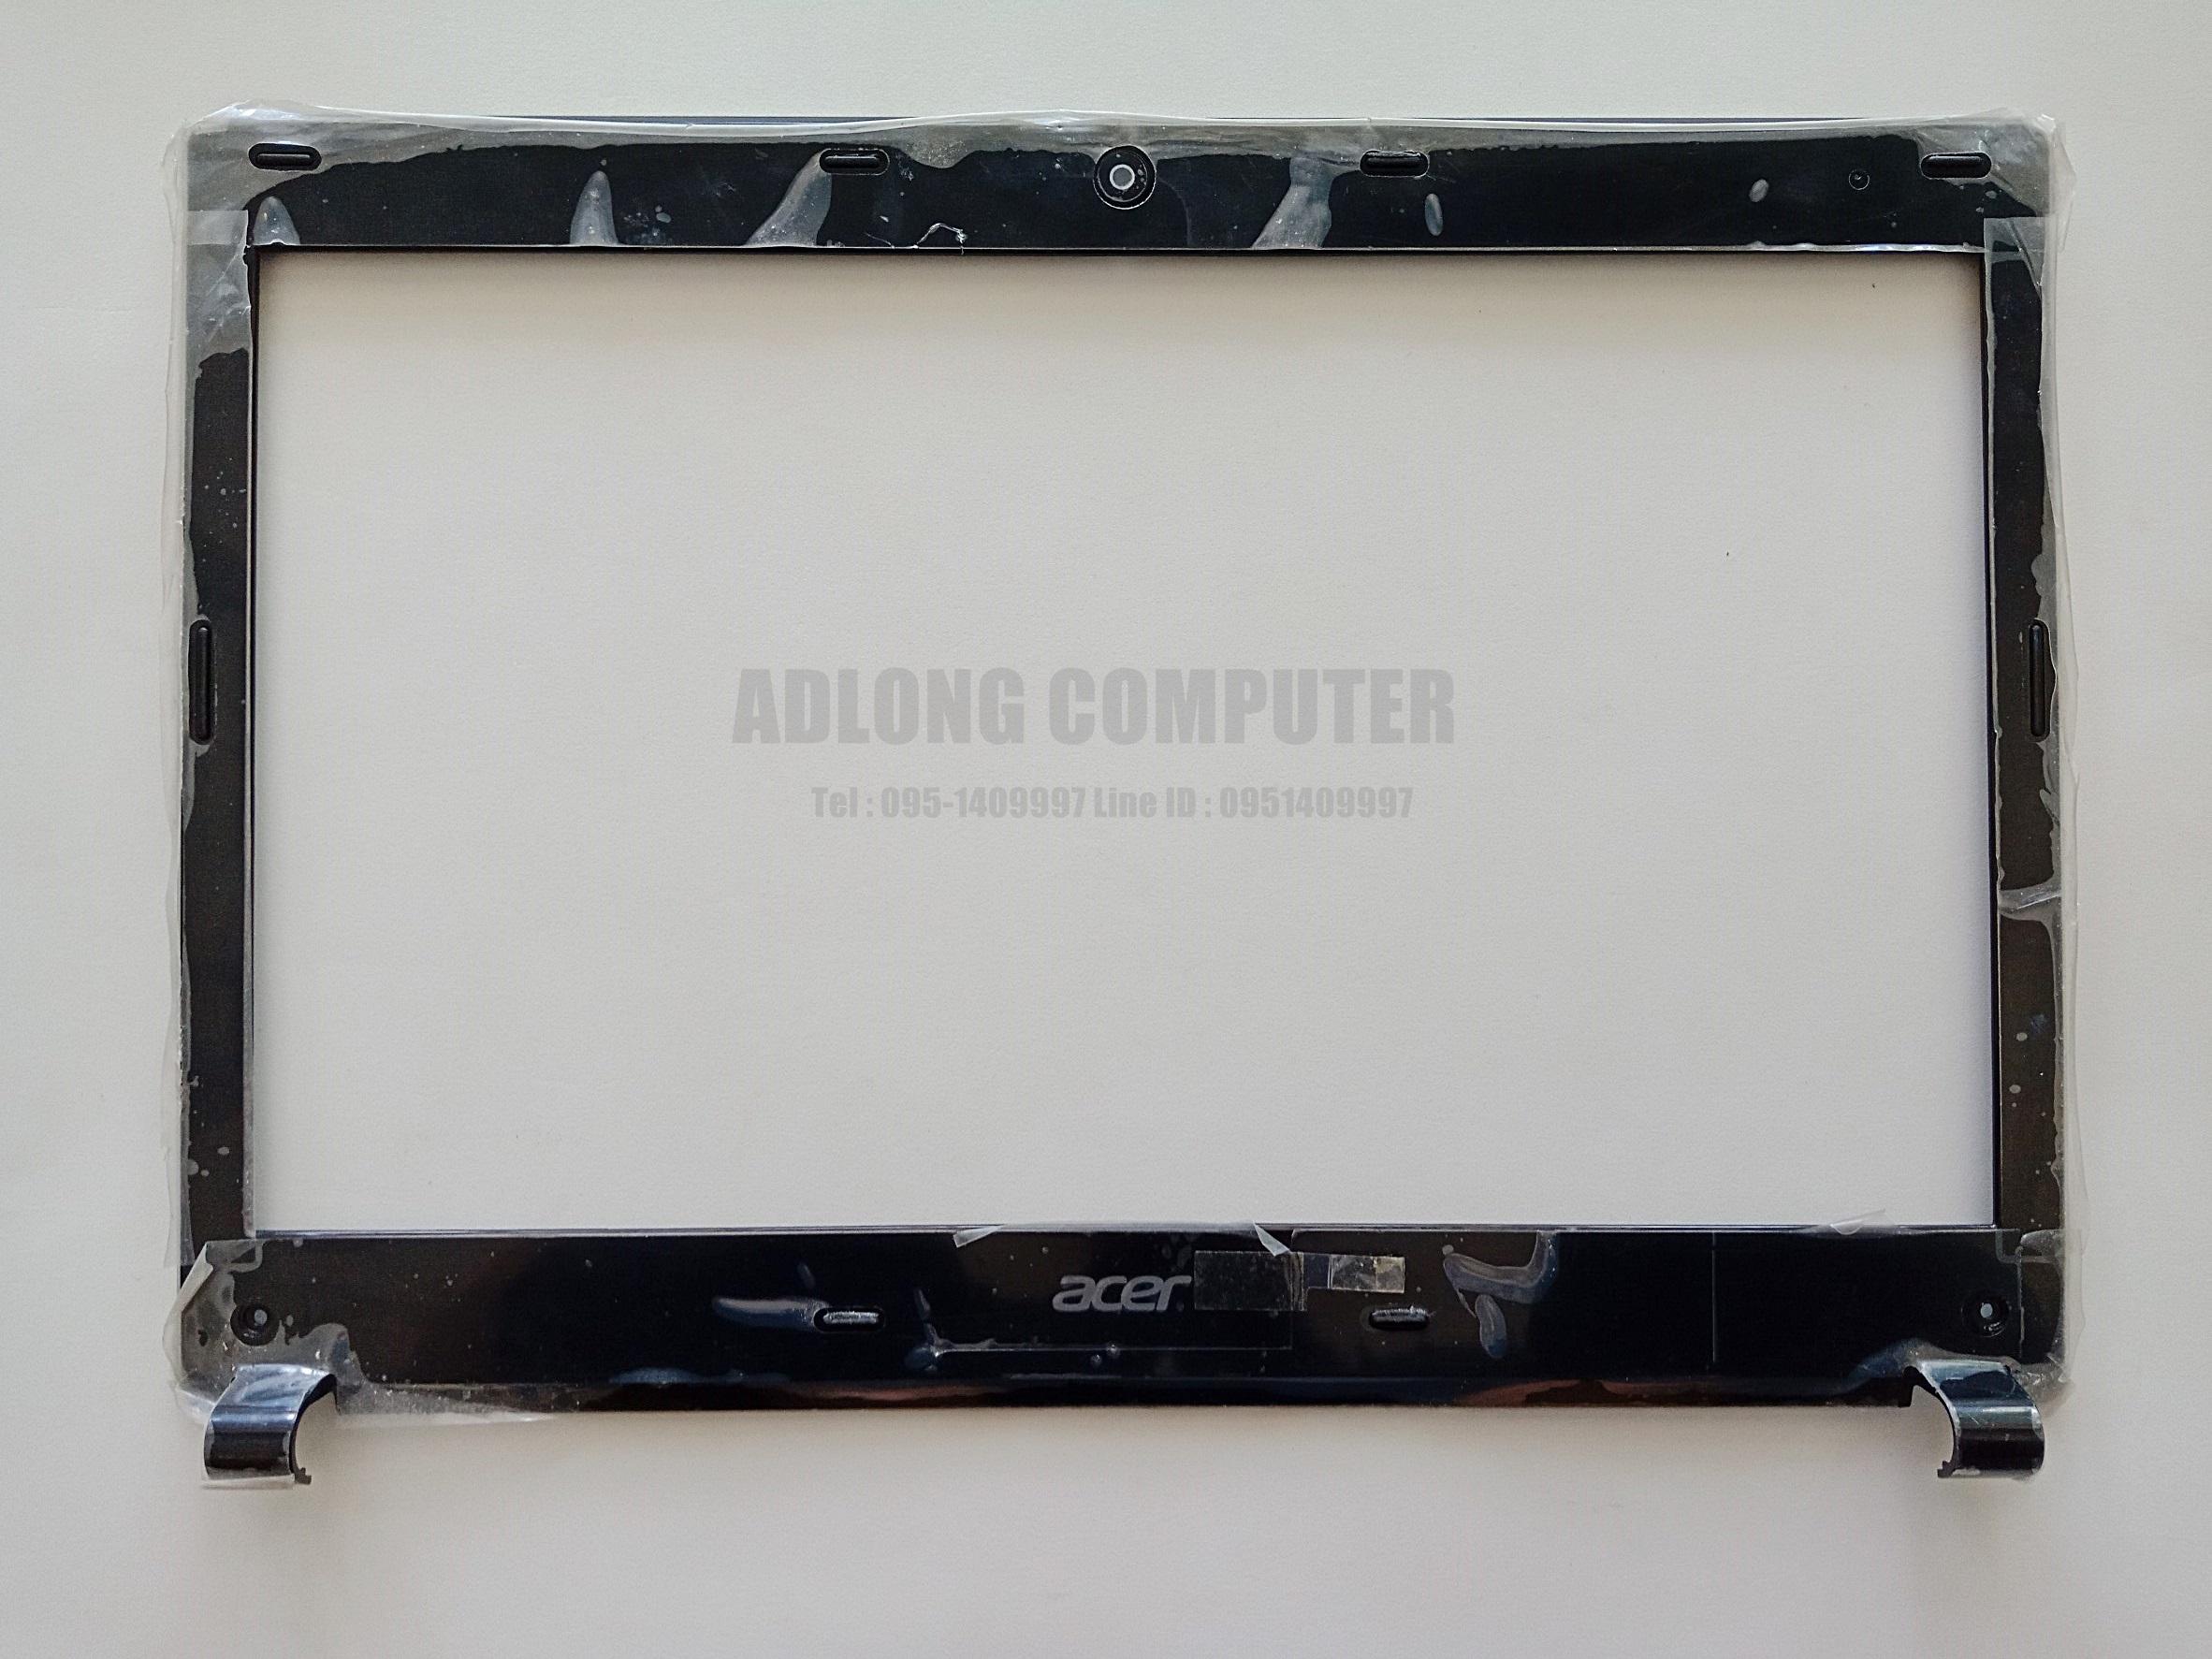 บอดี้กรอบจอโน๊ตบุ๊ค Acer aspire 4752